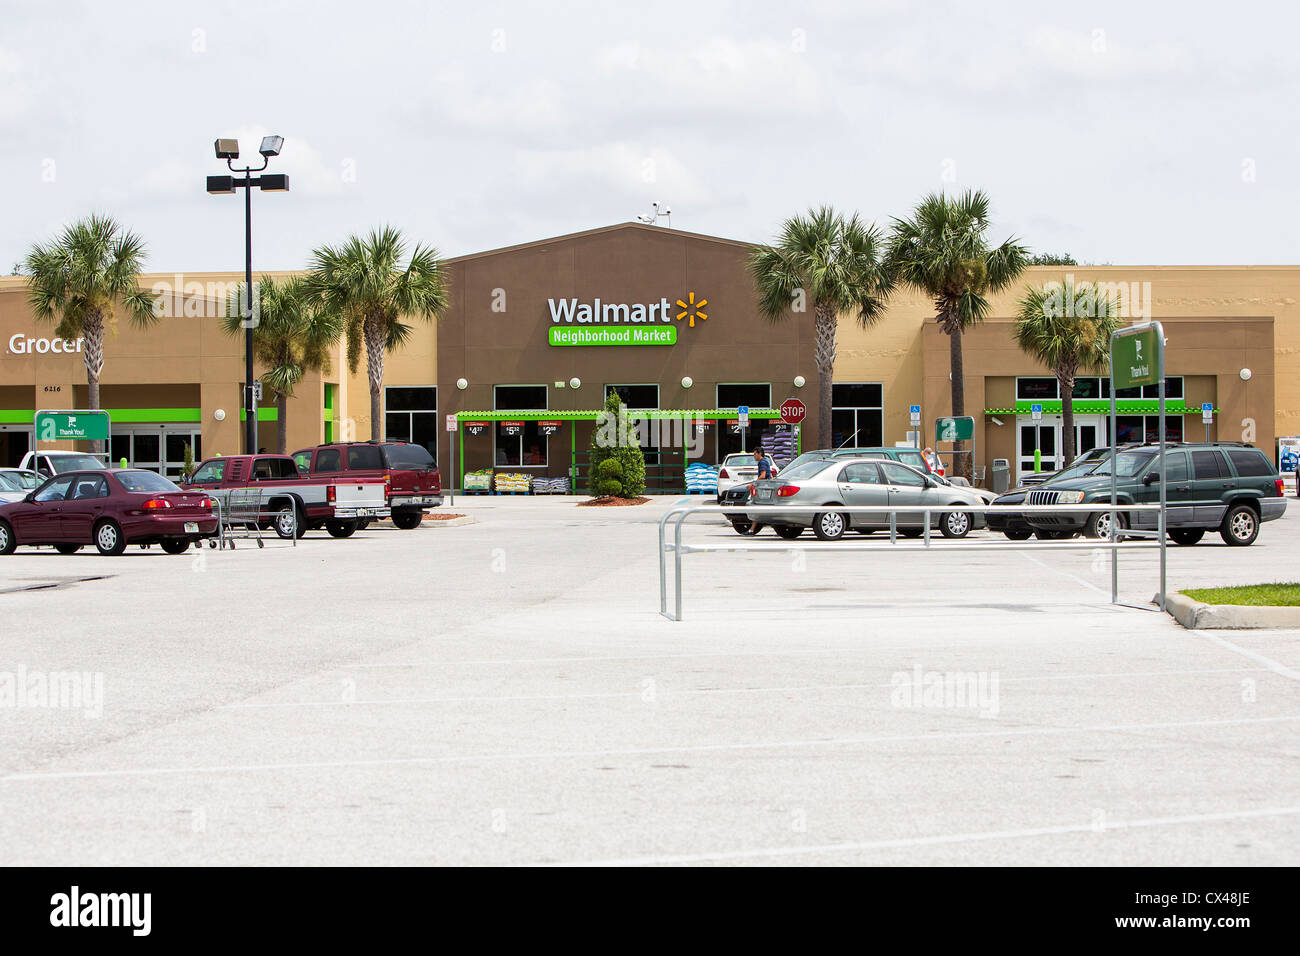 Ein Wal-Mart-Nachbarschaft-Speicherort. Stockbild